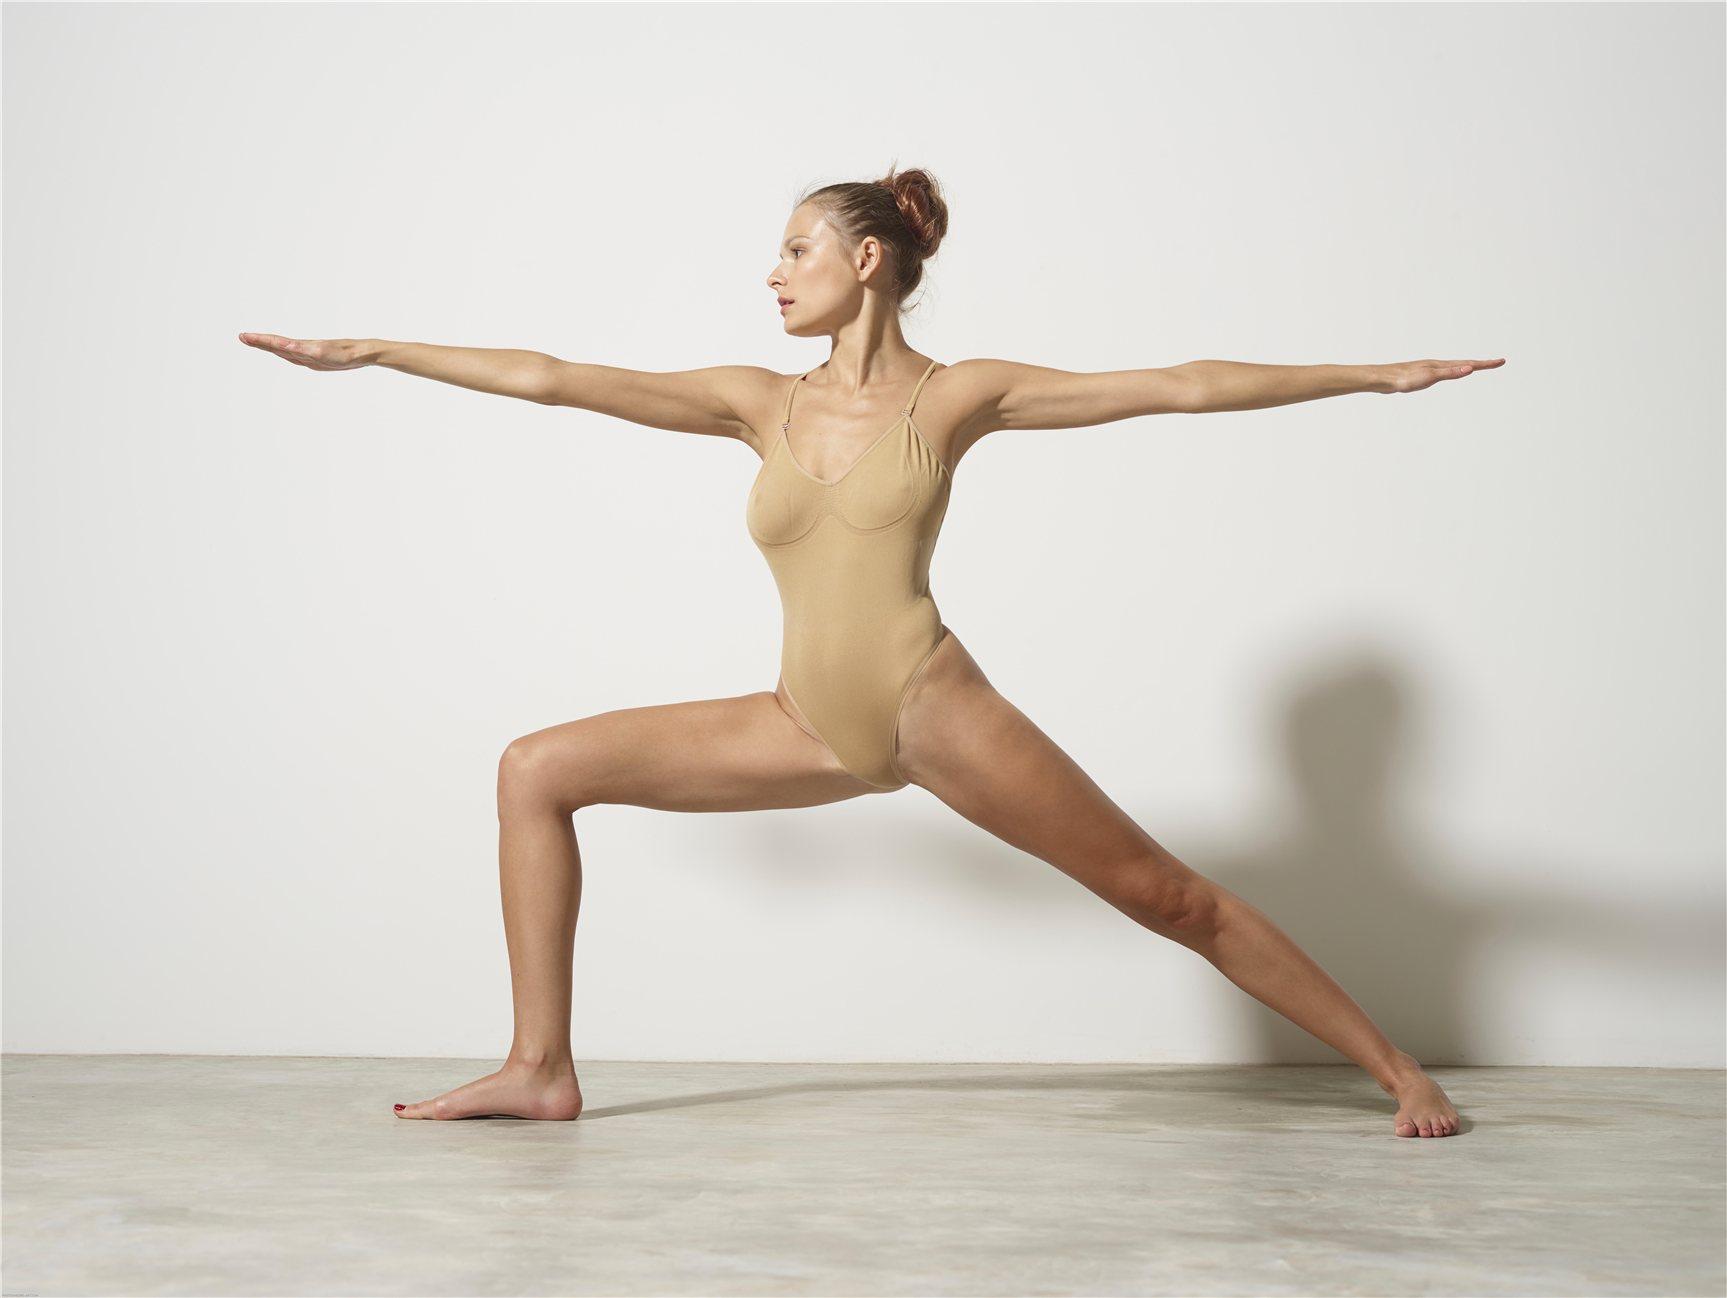 Юные гимнастки голые 30 фотография